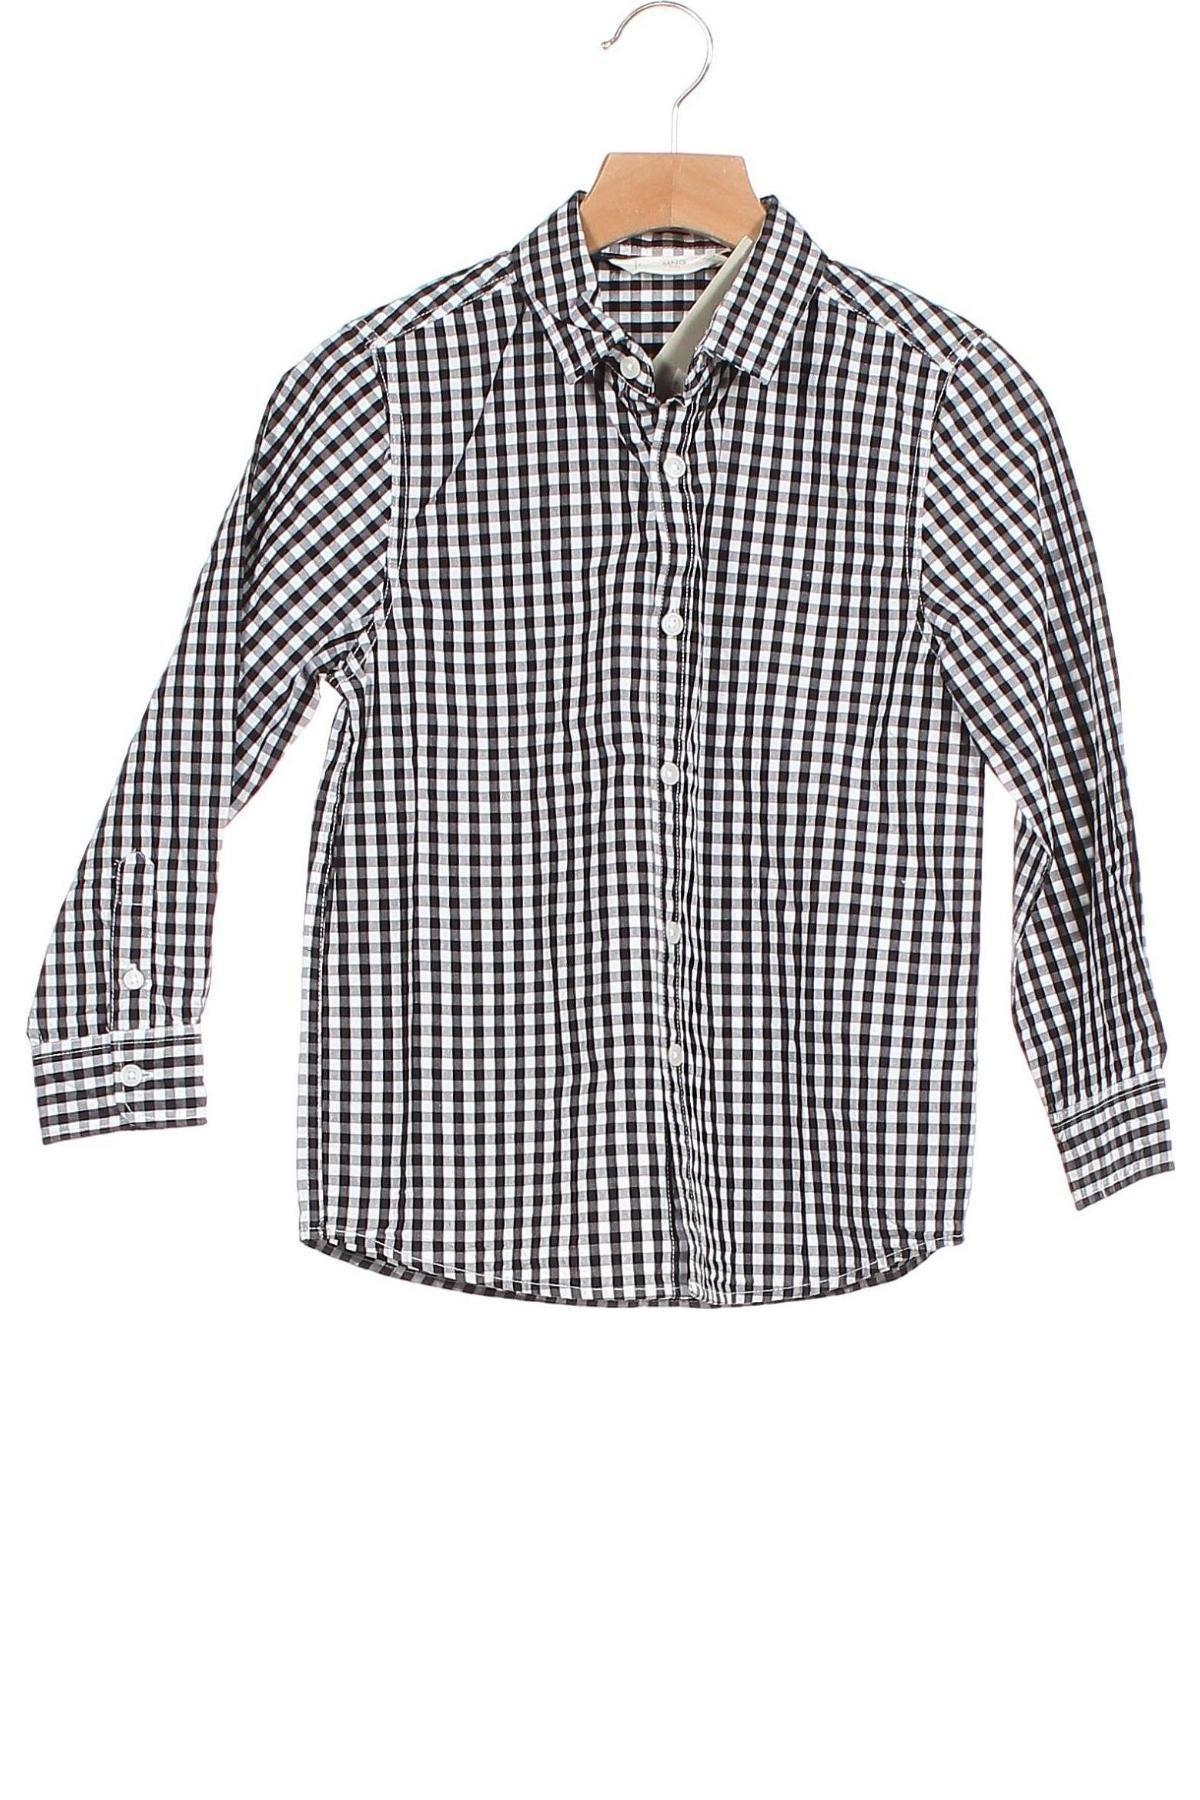 Παιδικό πουκάμισο Mango, Μέγεθος 5-6y/ 116-122 εκ., Χρώμα Πολύχρωμο, Βαμβάκι, Τιμή 13,89€